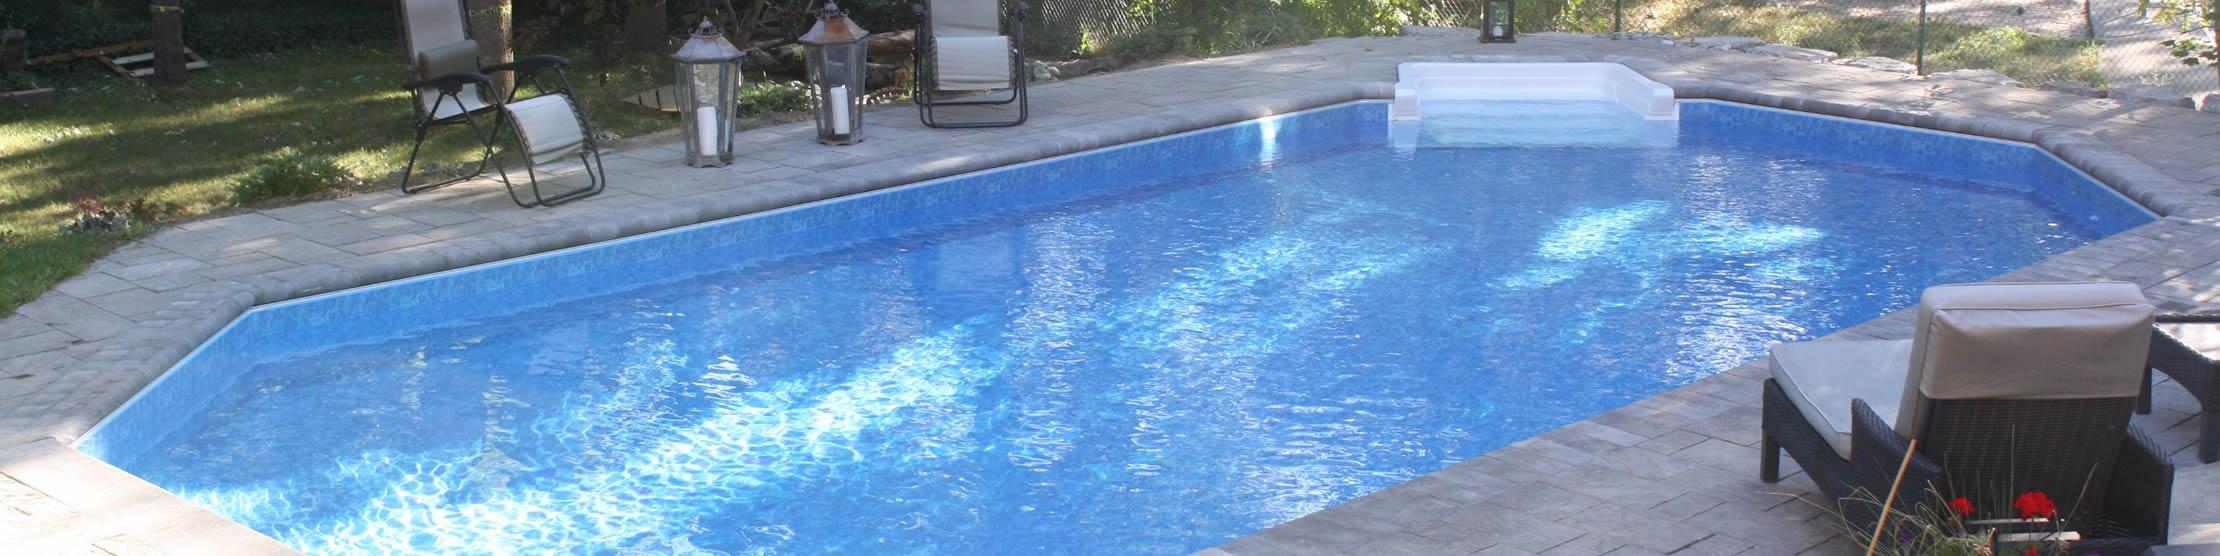 On-Ground Pools